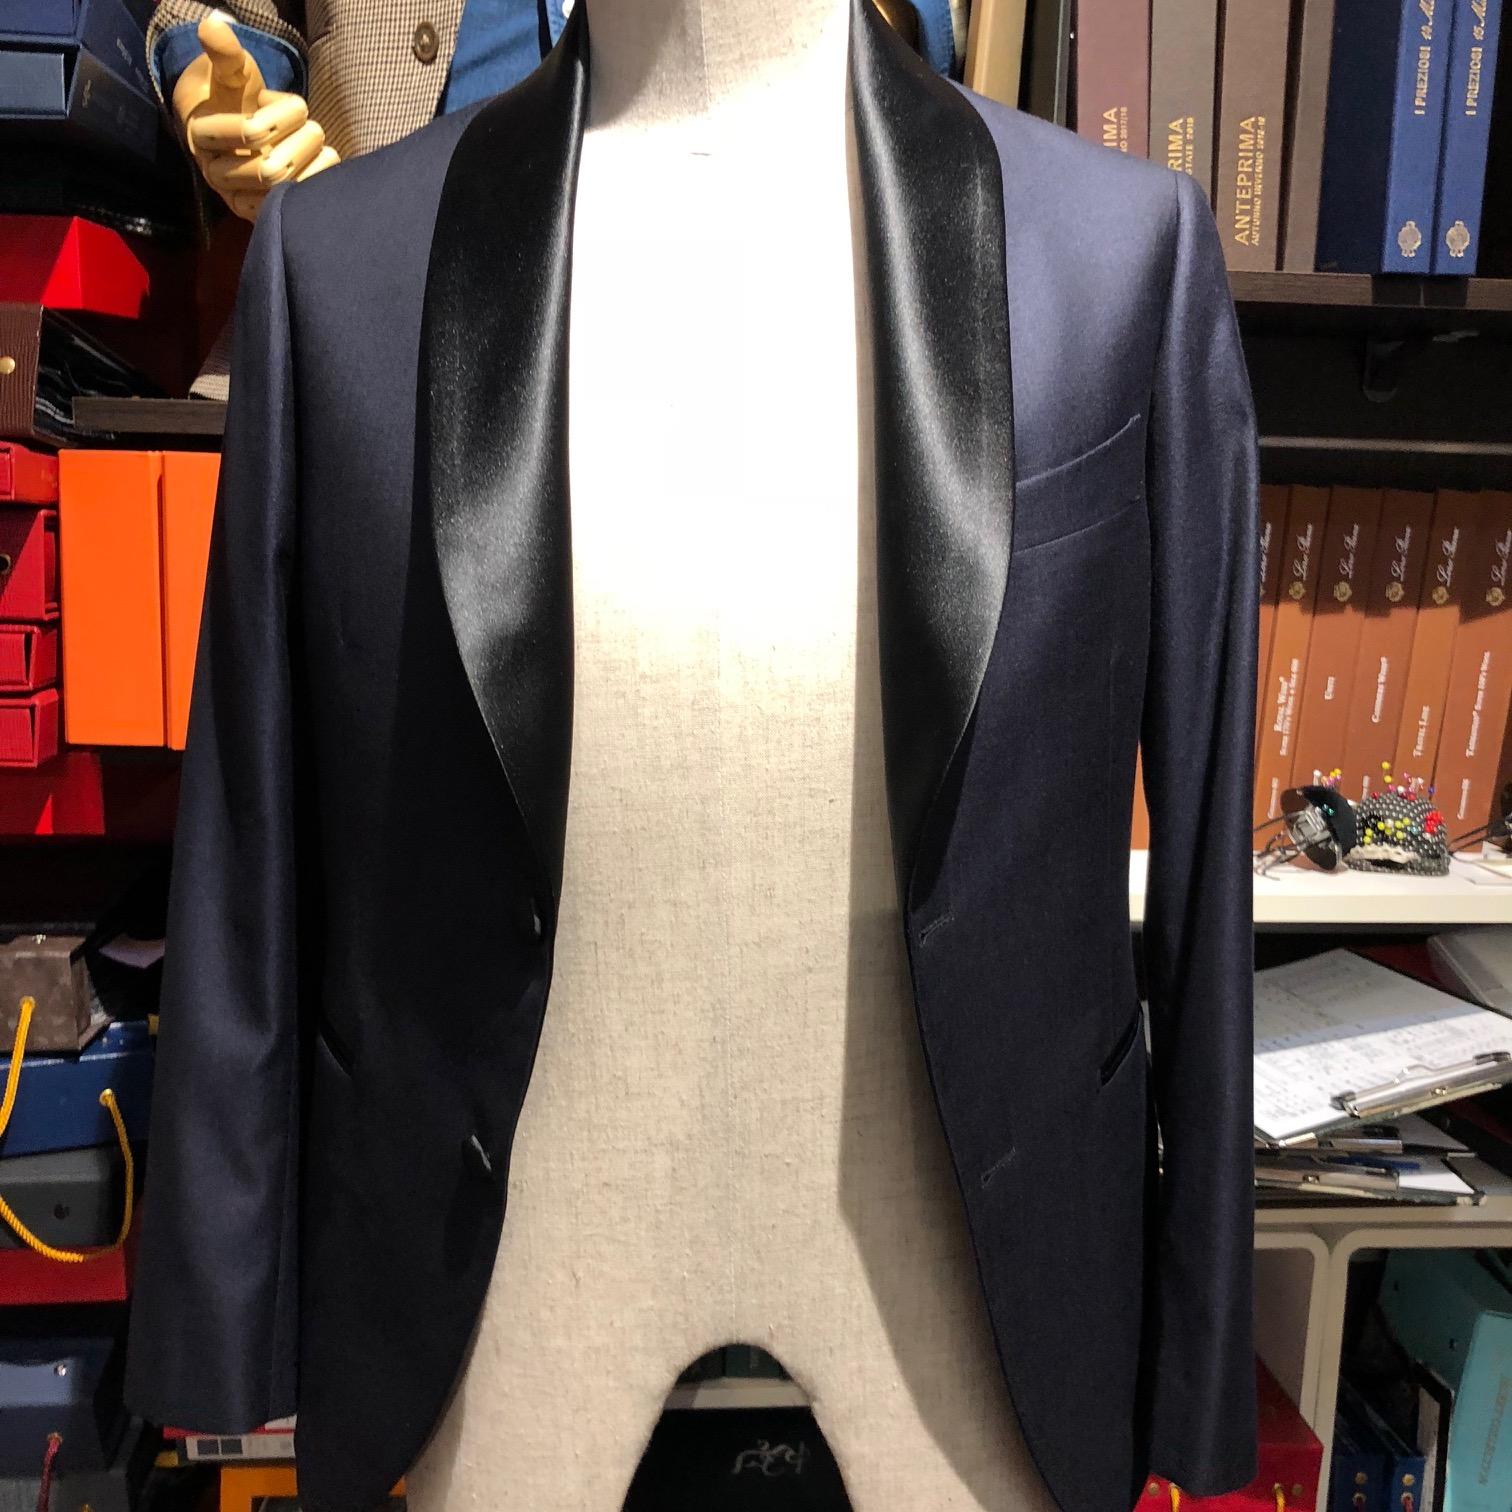 2019.10.17 2 - 【結婚式】新郎のスーツ(タキシード)について、式場スタッフとオーダースーツ屋が考えてみた。【2019年】